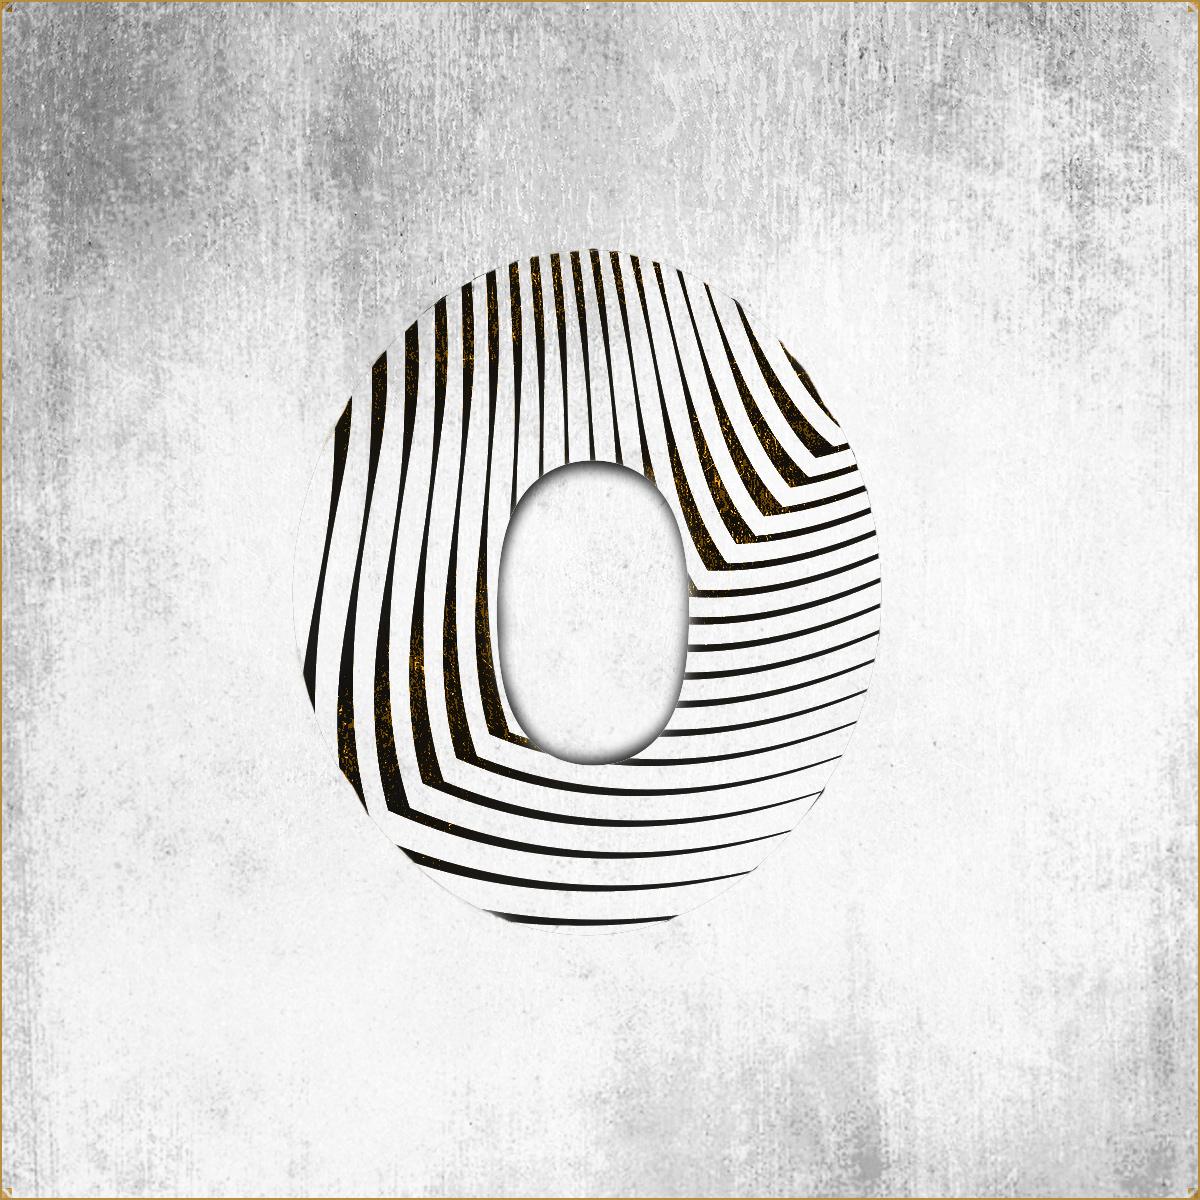 BricolArts - Partner profile picture - Oval Harmonique logo